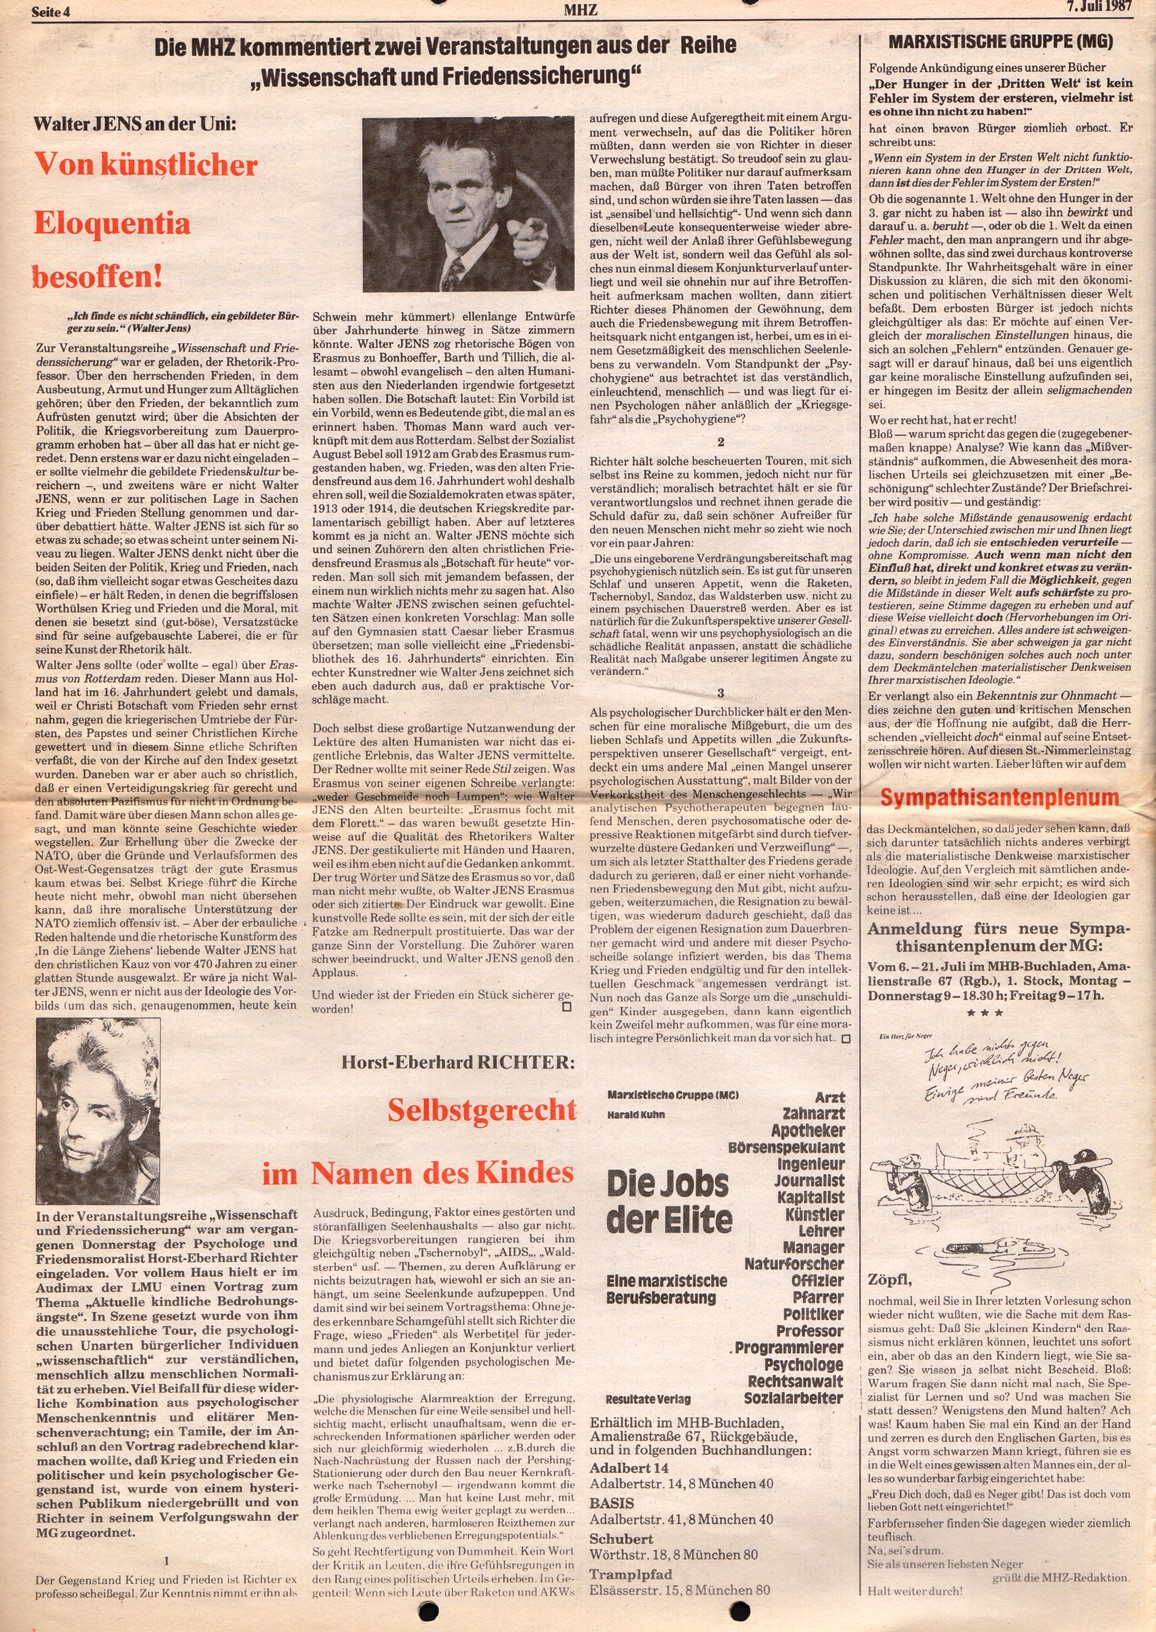 Muenchen_MG_Hochschulzeitung_19870707_04